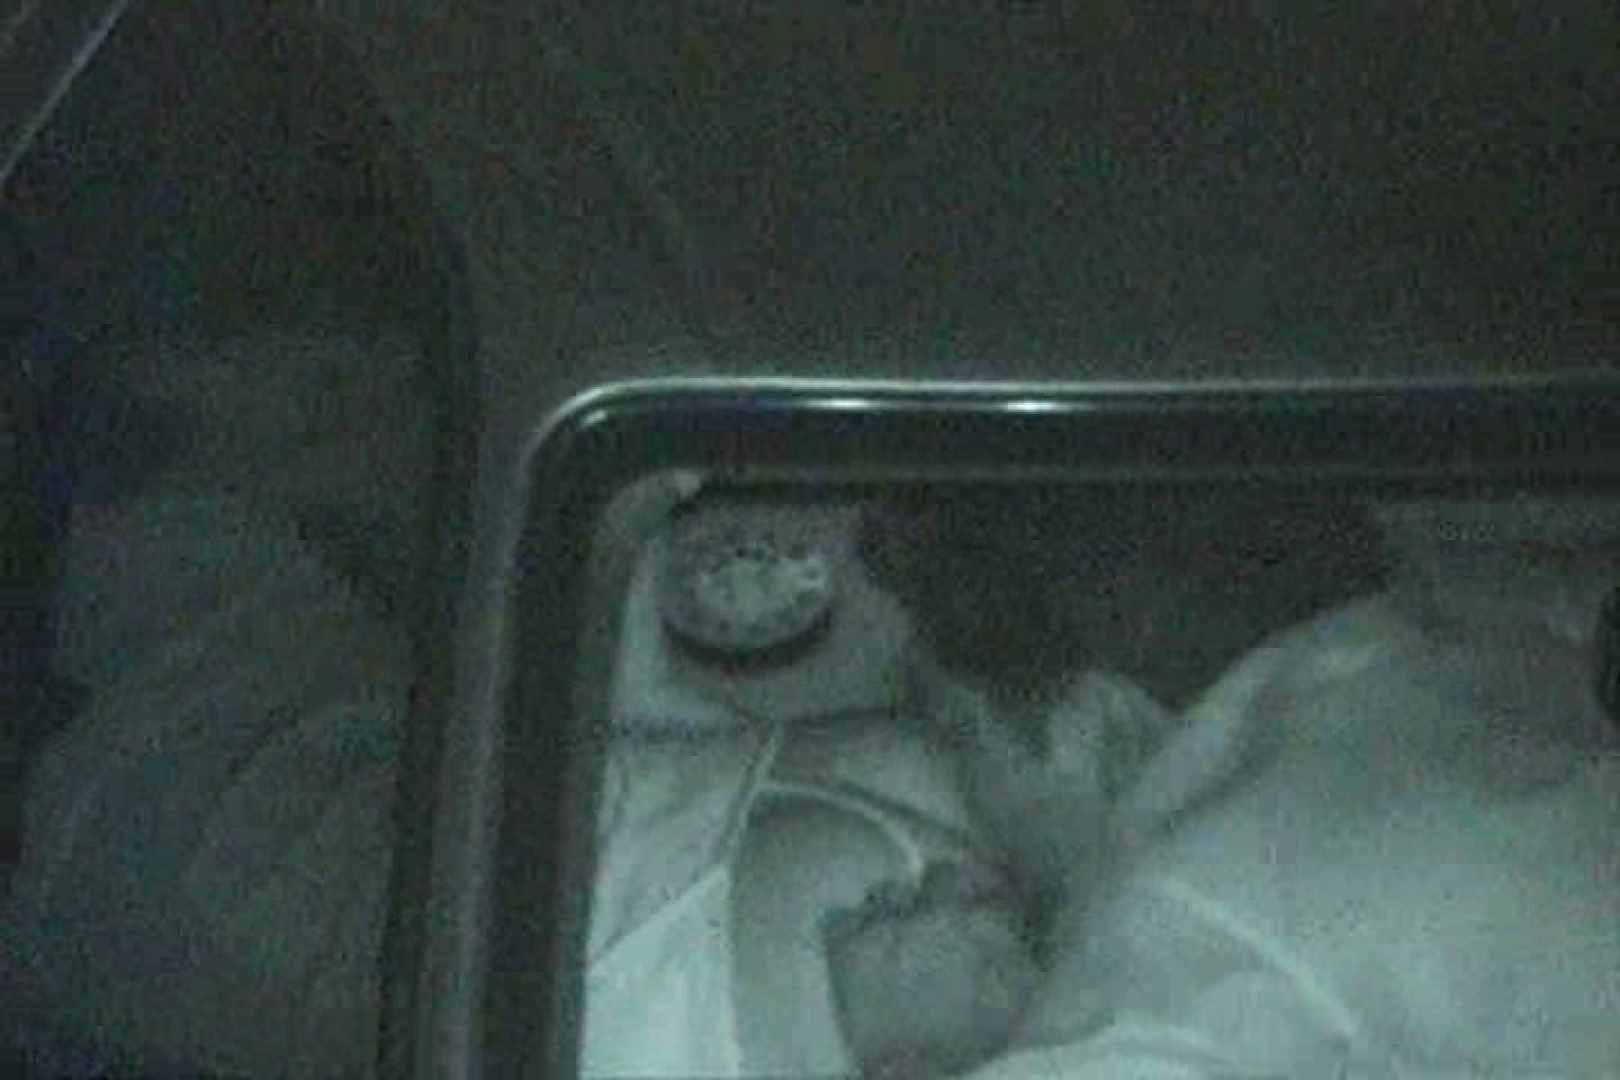 車の中はラブホテル 無修正版  Vol.25 熟女の実態   マンコ  40pic 1